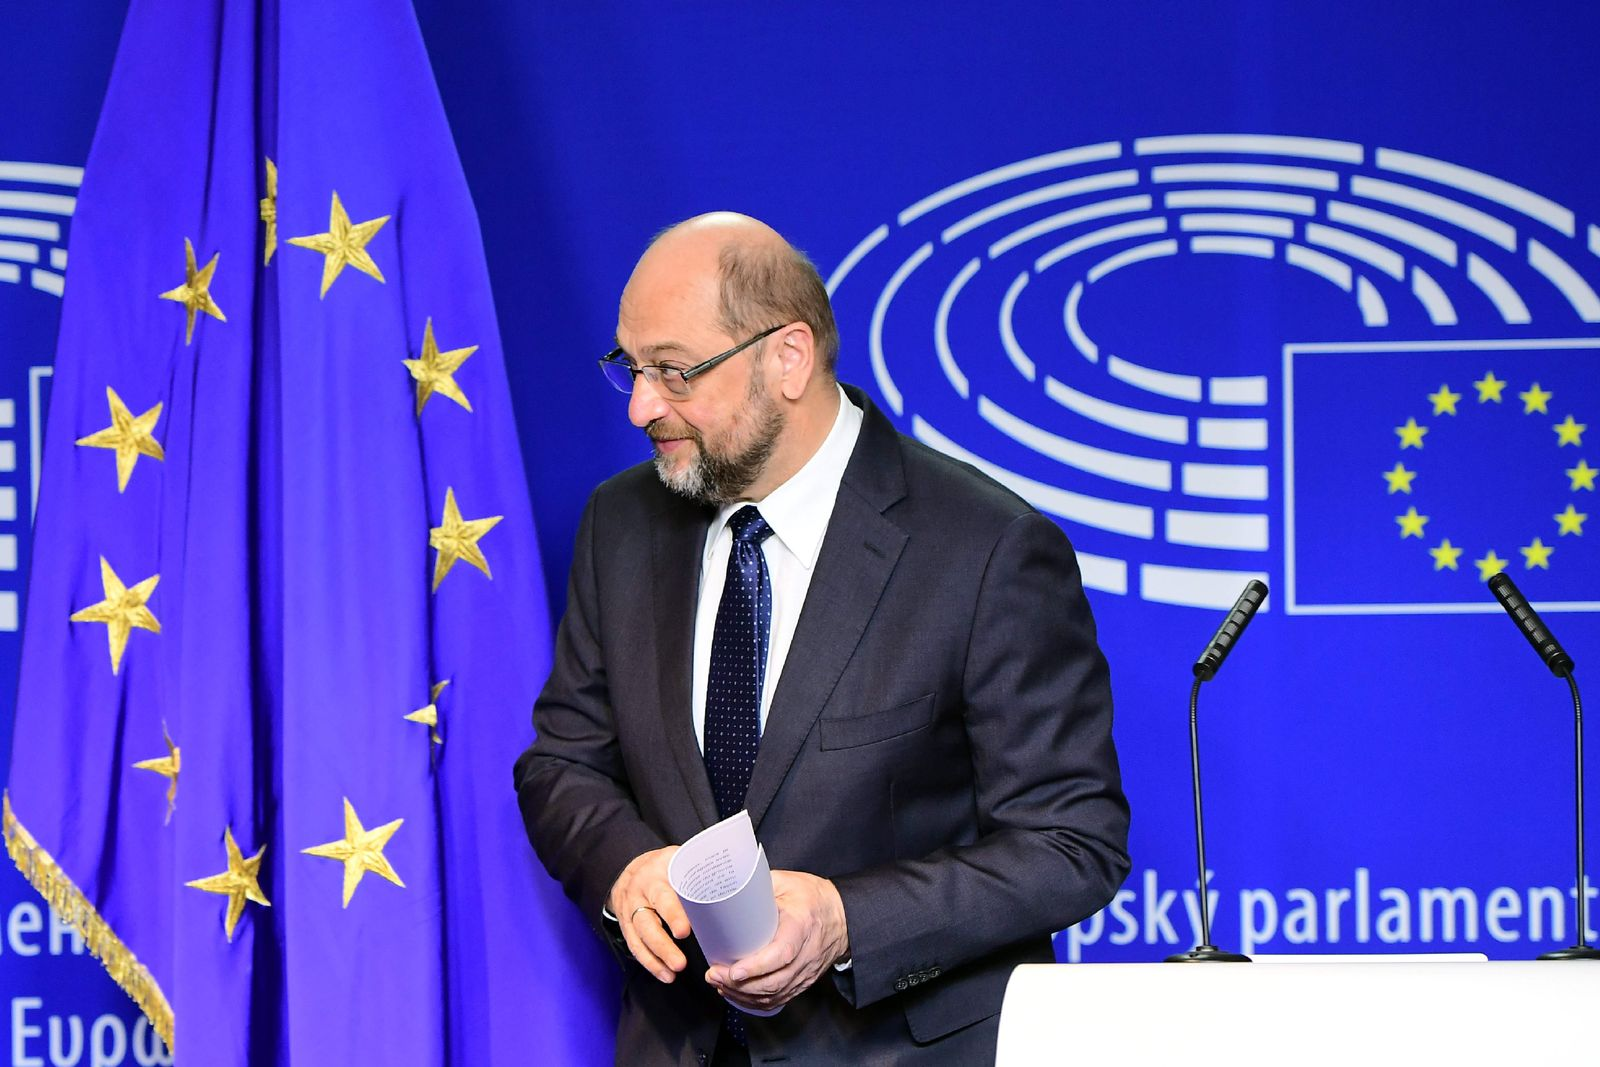 BELGIUM-EU-GERMANY-PARLIAMENT